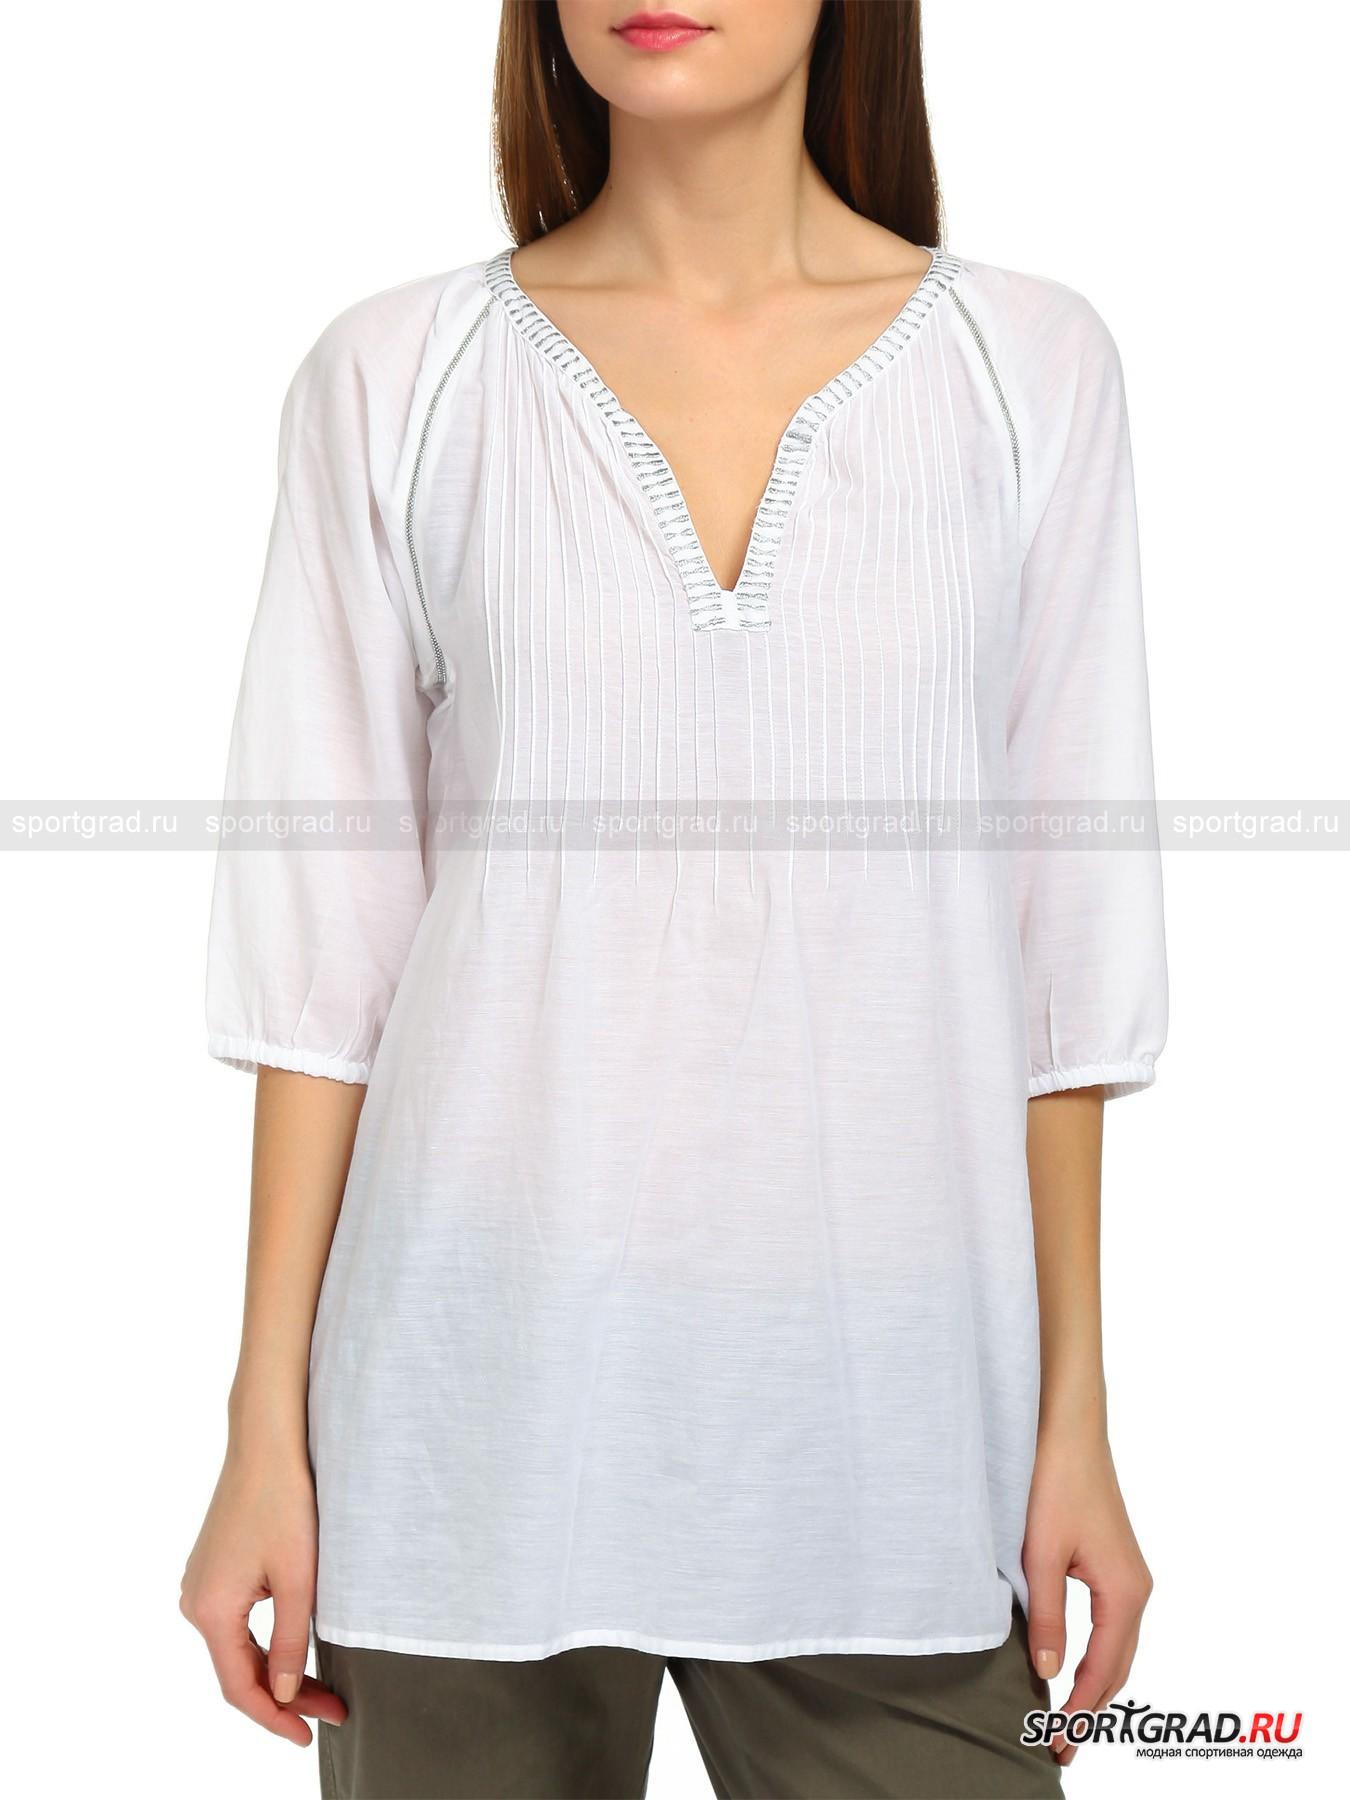 Туника женская Serena FIRE&amp;ICEРубашки<br>Лёгкая женская туника с оригинальными элементами декора, созданная дизайнерами BOGNER FIRE+ICE. Эта вещь может стать как идеальным дополнением Вашего пляжного лука, так и вещью для вечерней прогулки по курортным кварталам, её одинаково комфортно носить как на голое тело, так и поверх майки или футболки. Туника выполнена из необычной ткани, в состав которой входят вискоза и хлопок в пропорции 4 к 6, что позволяет ей оставаться слегка прохладной даже жару. Модель имеет оригинальный вырез, рукава ? с тонкими эластичными манжетами, чуть удлинённую заднюю часть, защипы на спине и декорирована металлизированными бусинами и вышивкой. Индийские мотивы и превосходное качество от респектабельной немецкой марки с мировым именем.<br><br>Пол: Женский<br>Возраст: Взрослый<br>Тип: Рубашки<br>Рекомендации по уходу: Деликатная ручная стирка при температуре 30 градусов, щадящий ручной отжим, гладить при температуре до 110 градусов.<br>Состав: 60% хлопок, 40% вискоза.